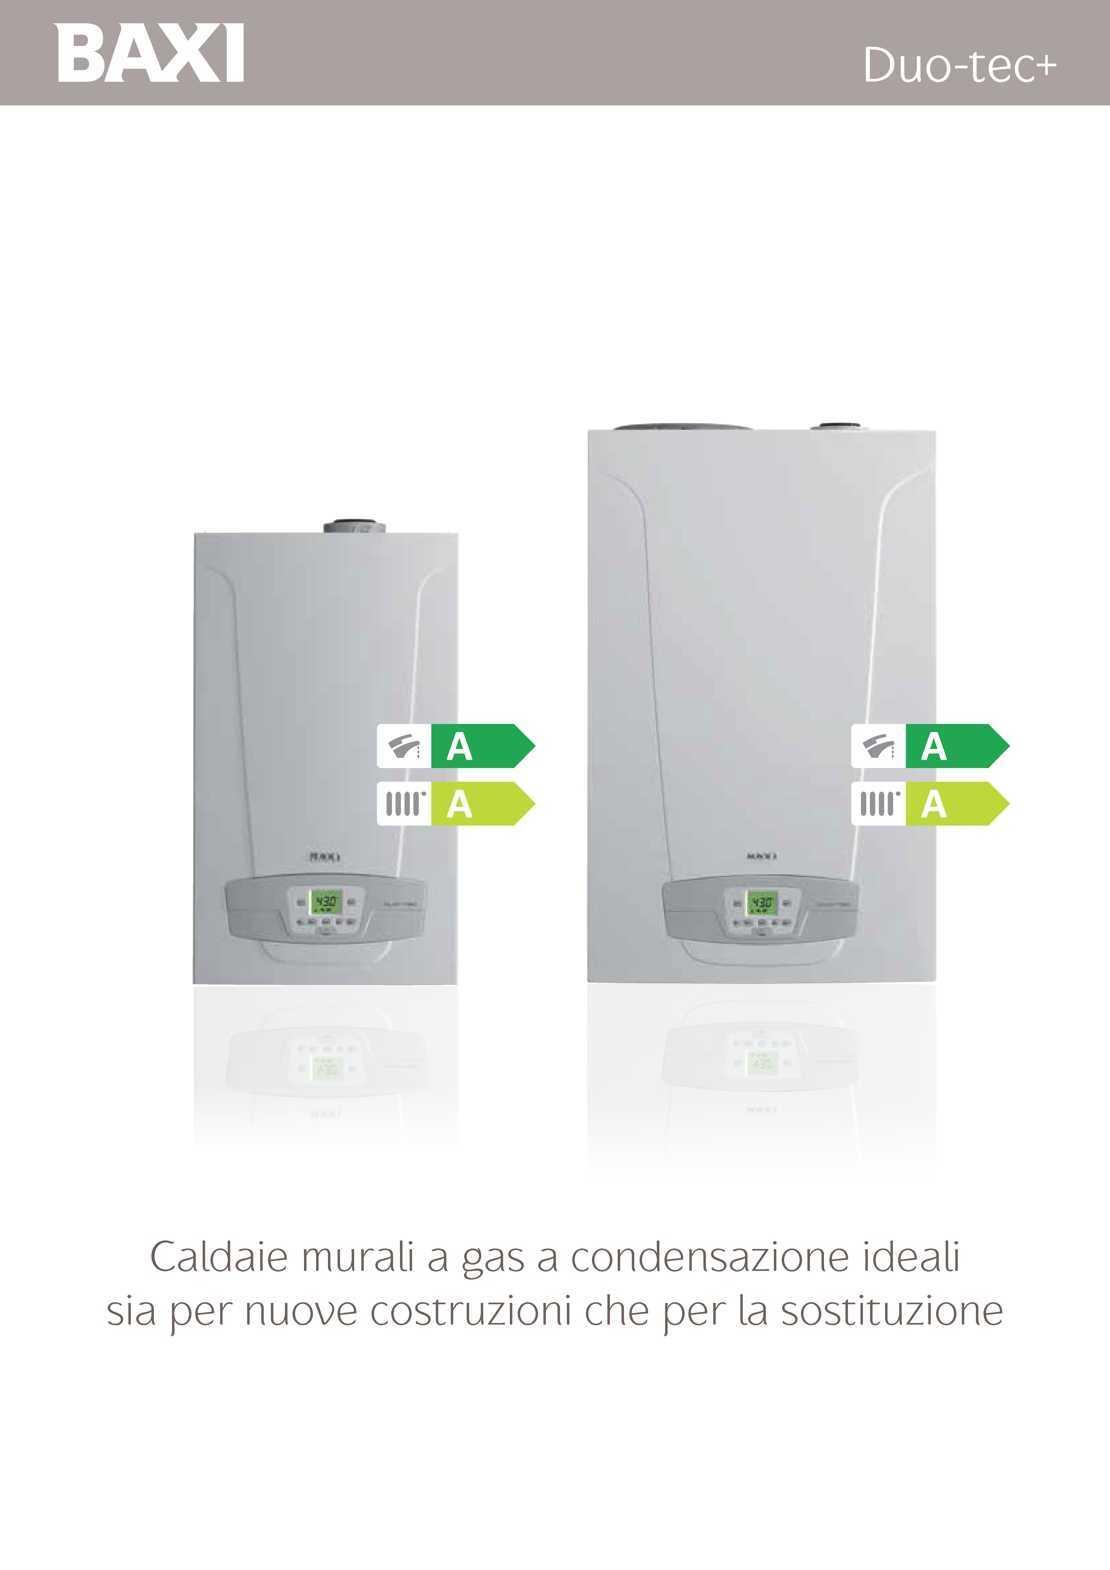 Caldaia Baxi Duo Tec Compact GA erp